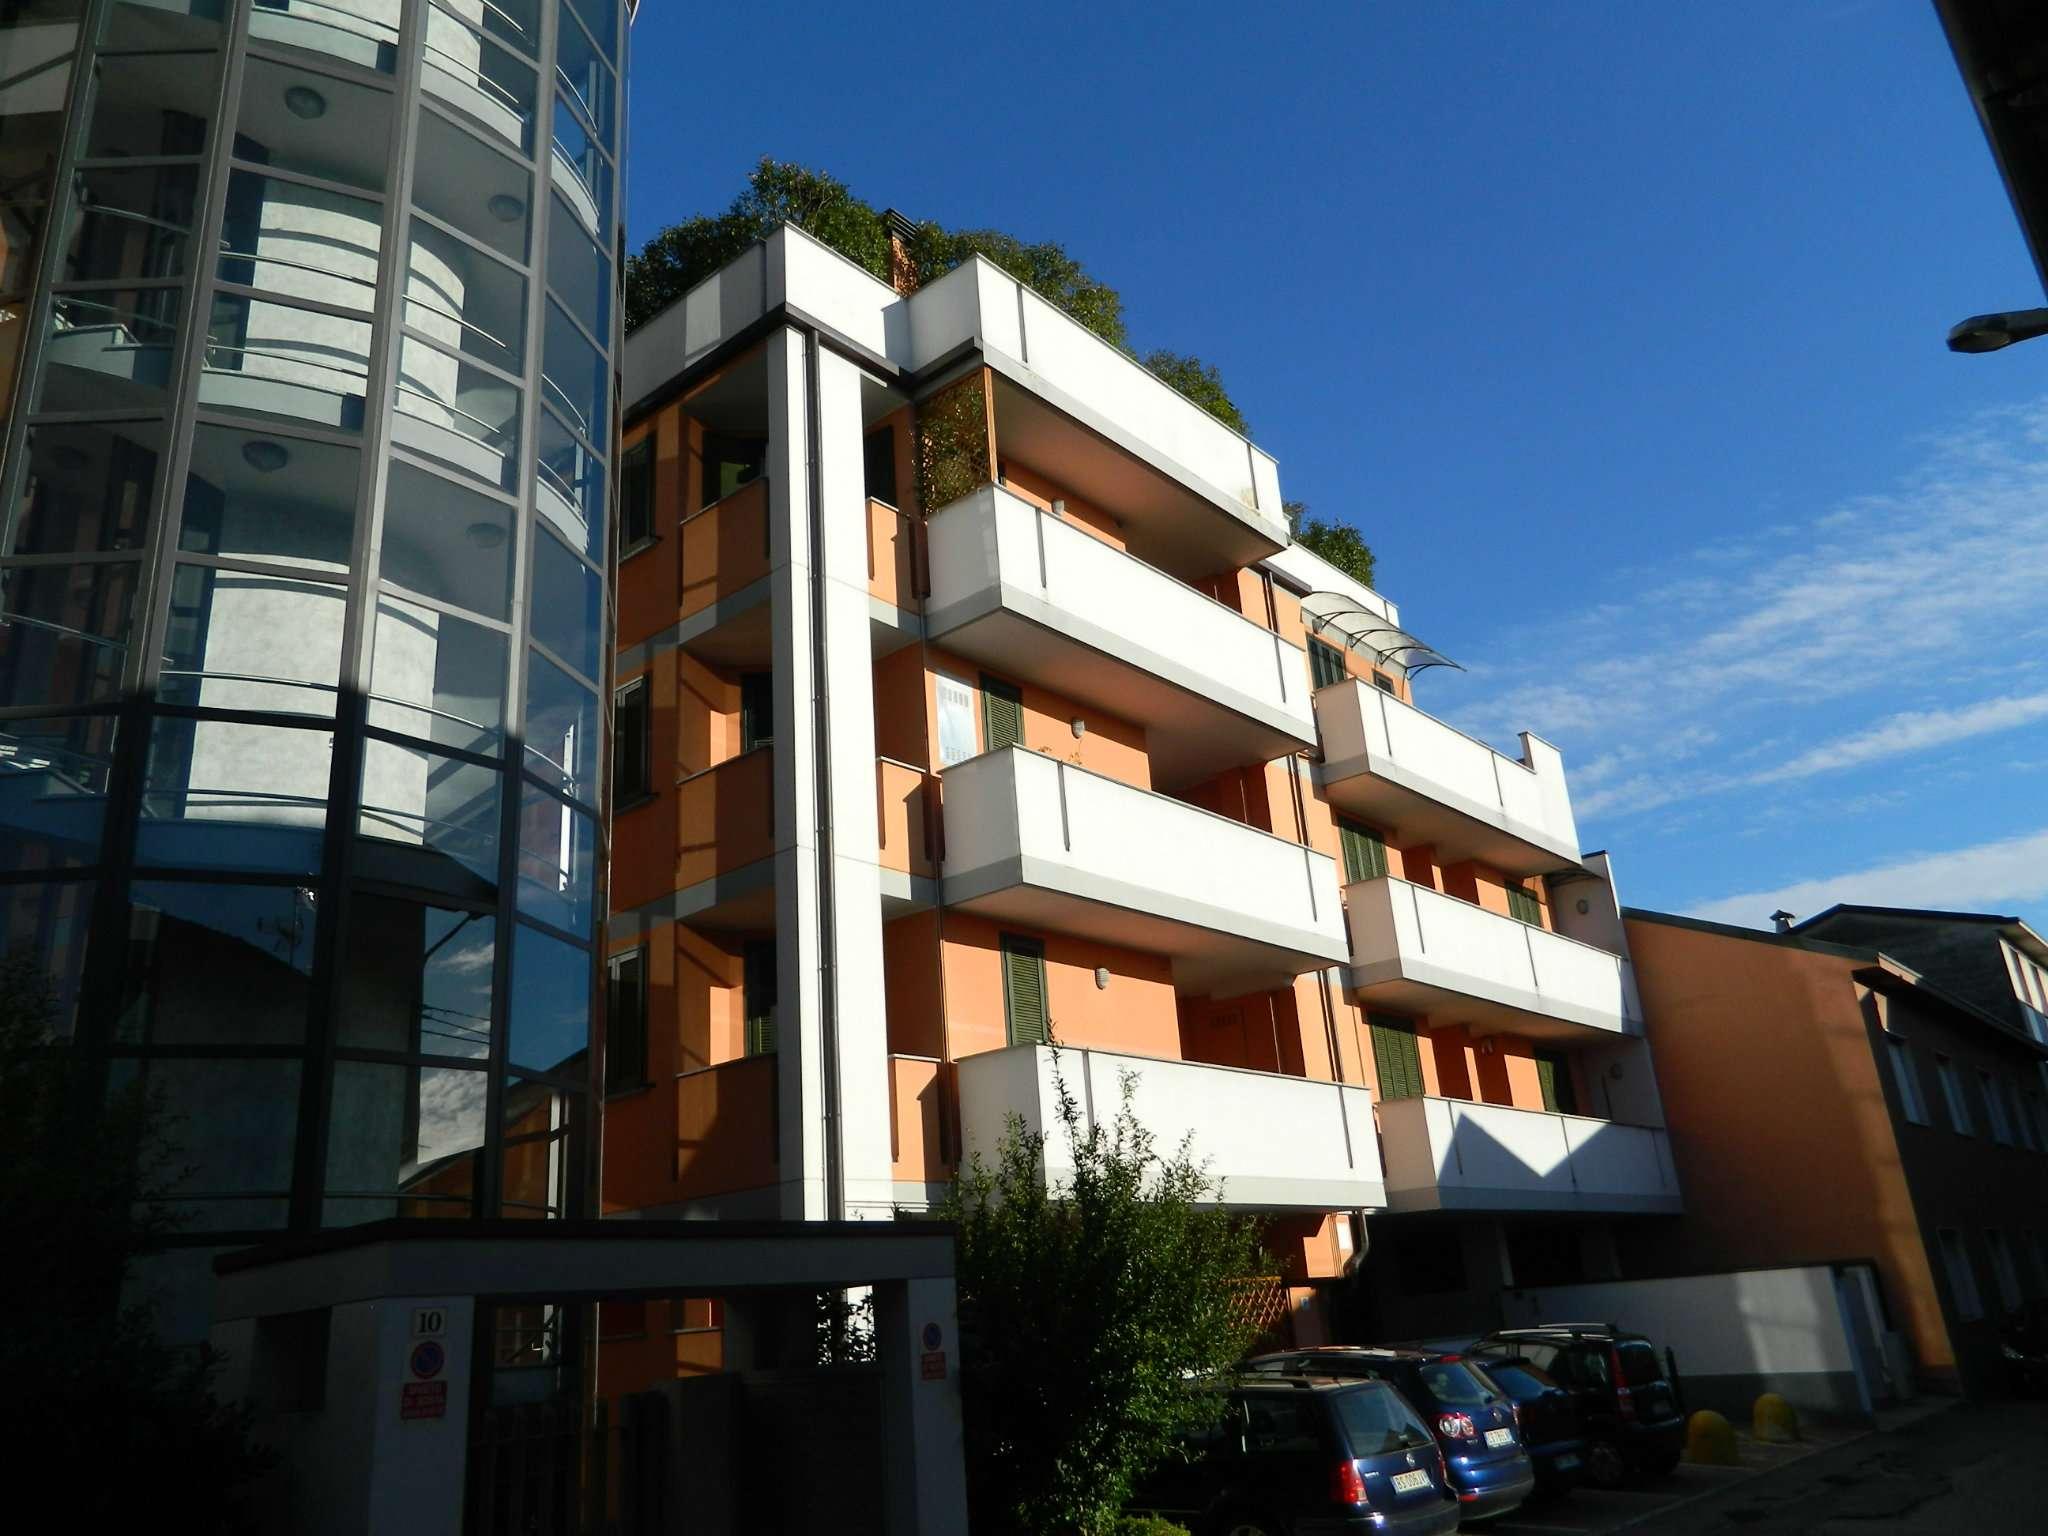 Appartamento in affitto a Seveso, 1 locali, prezzo € 500 | CambioCasa.it